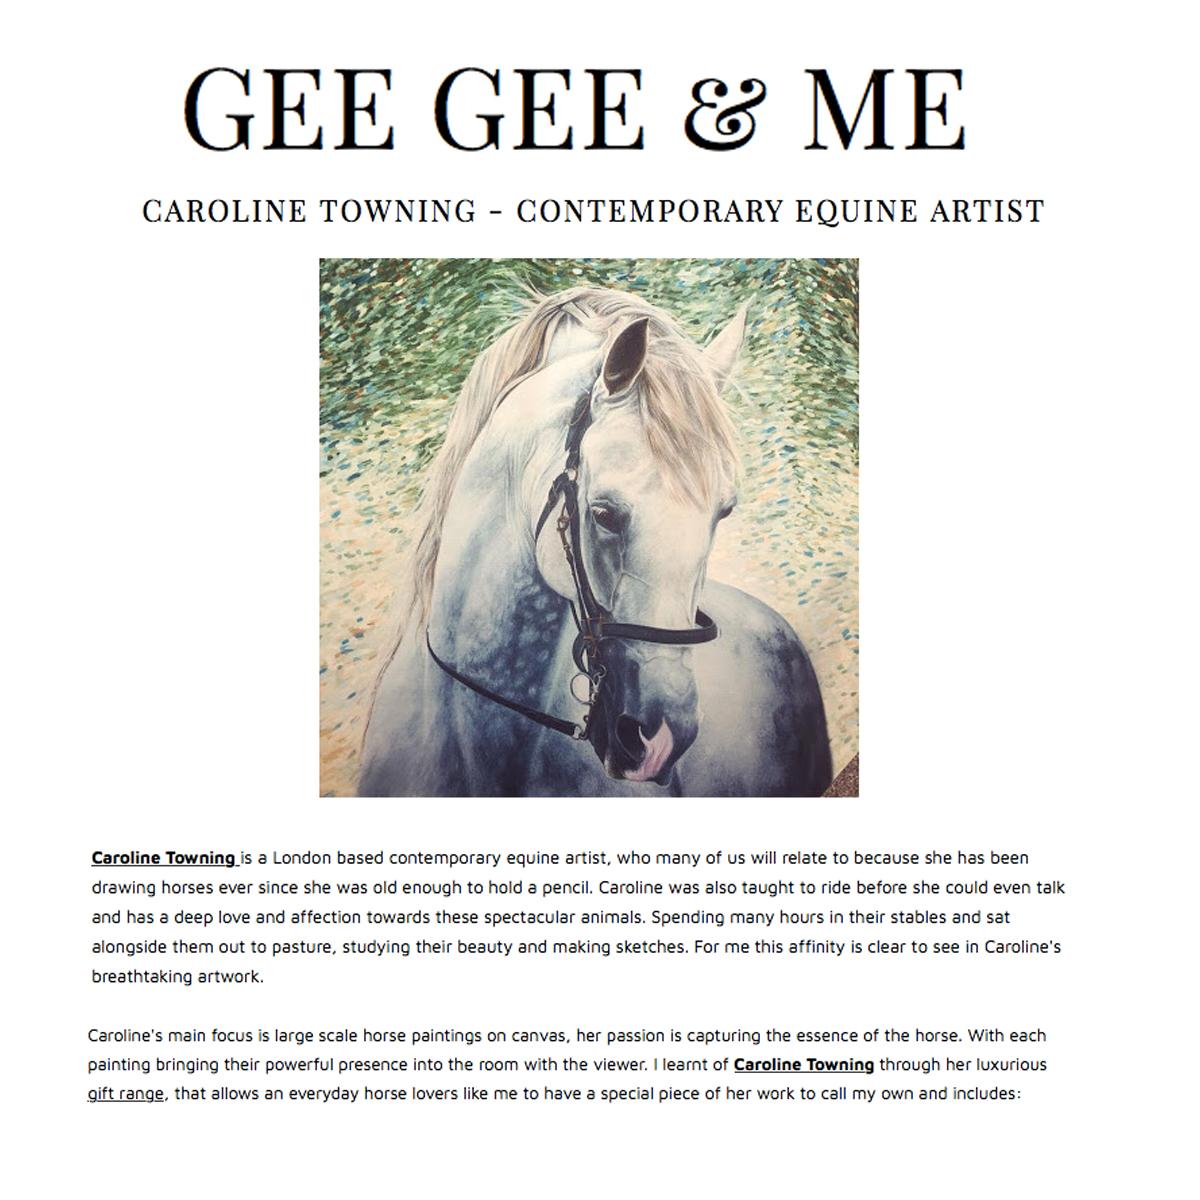 GEE GEE & ME Blog